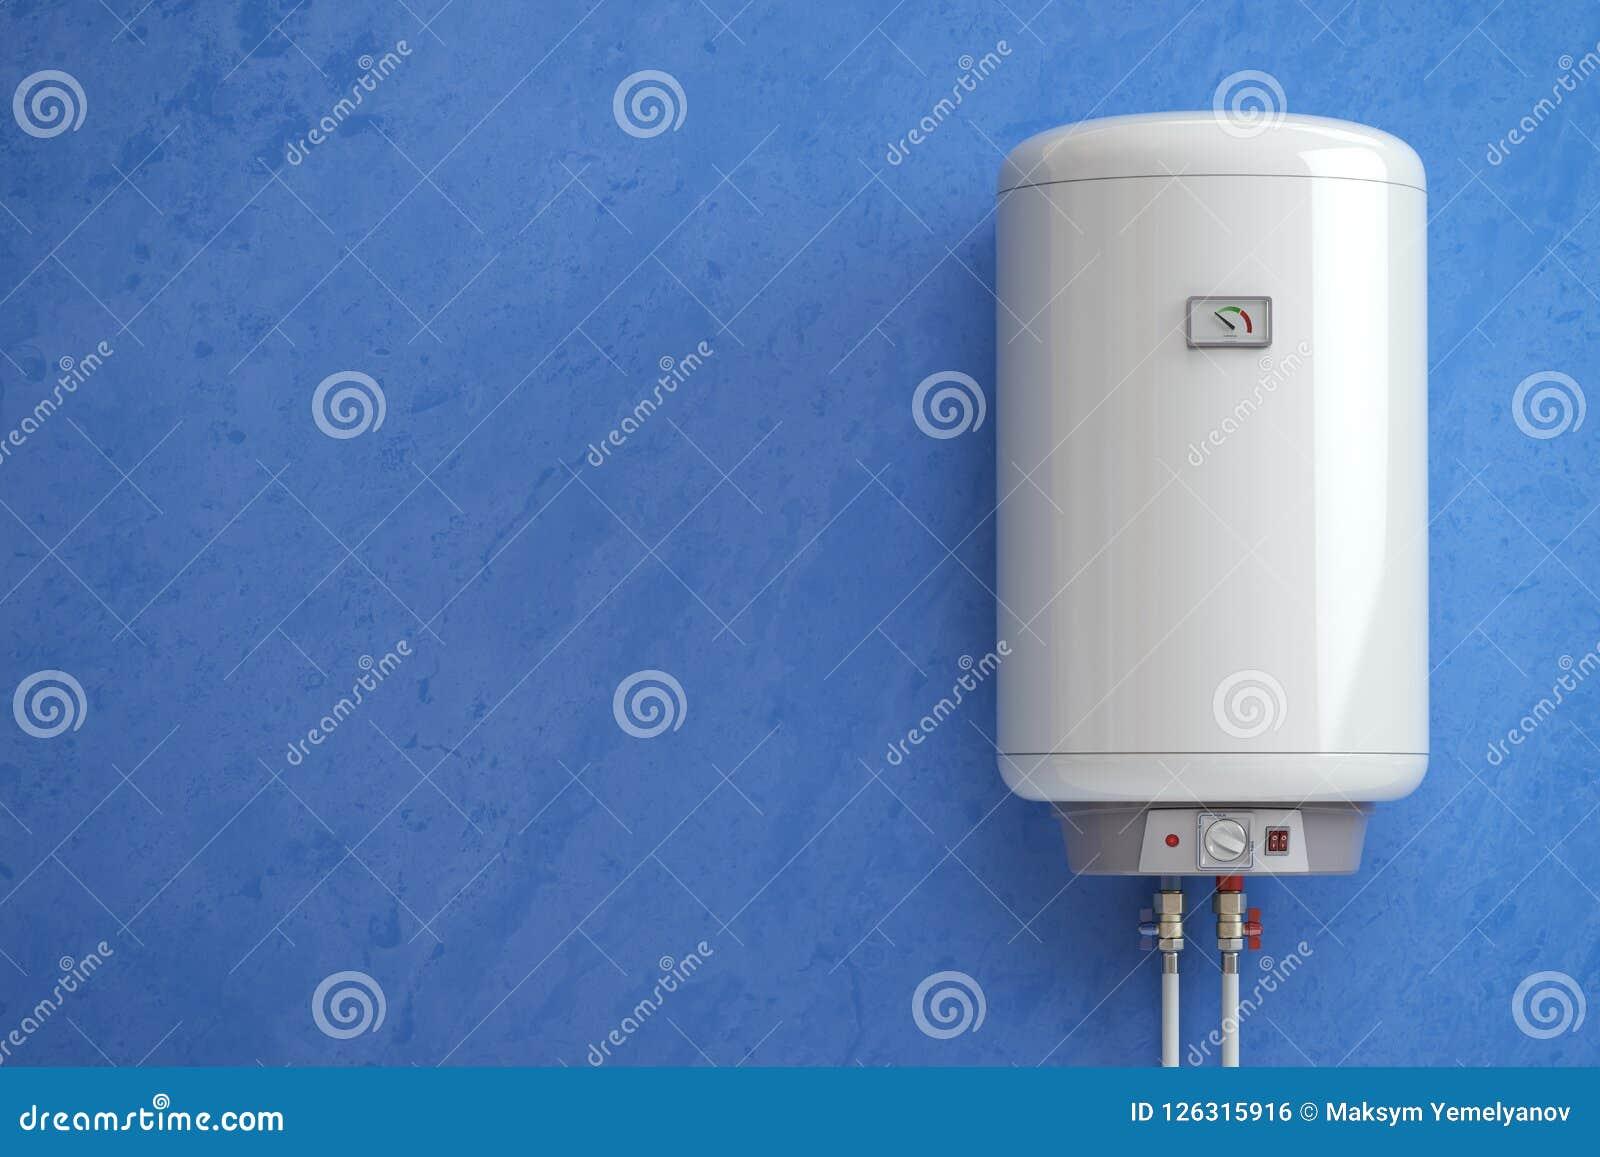 Ηλεκτρικός λέβητας, θερμοσίφωνας στον μπλε τοίχο